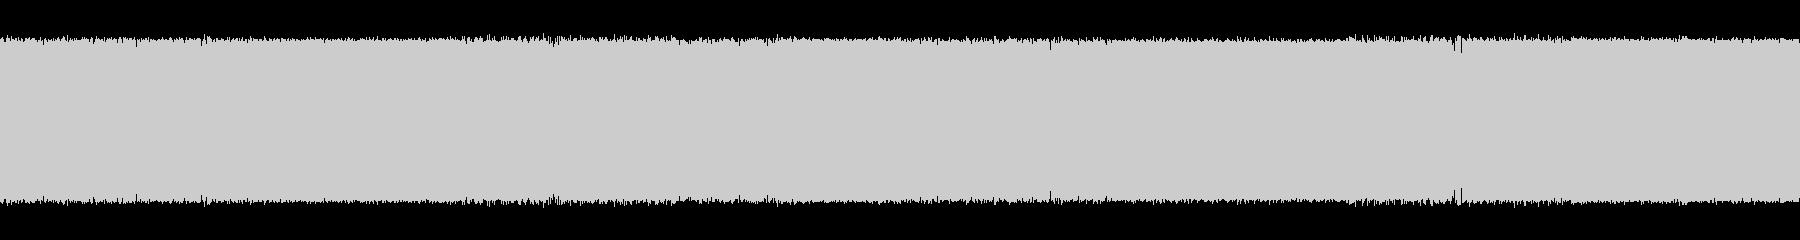 歪みギターメタル中ボス系の曲<sudd…の未再生の波形